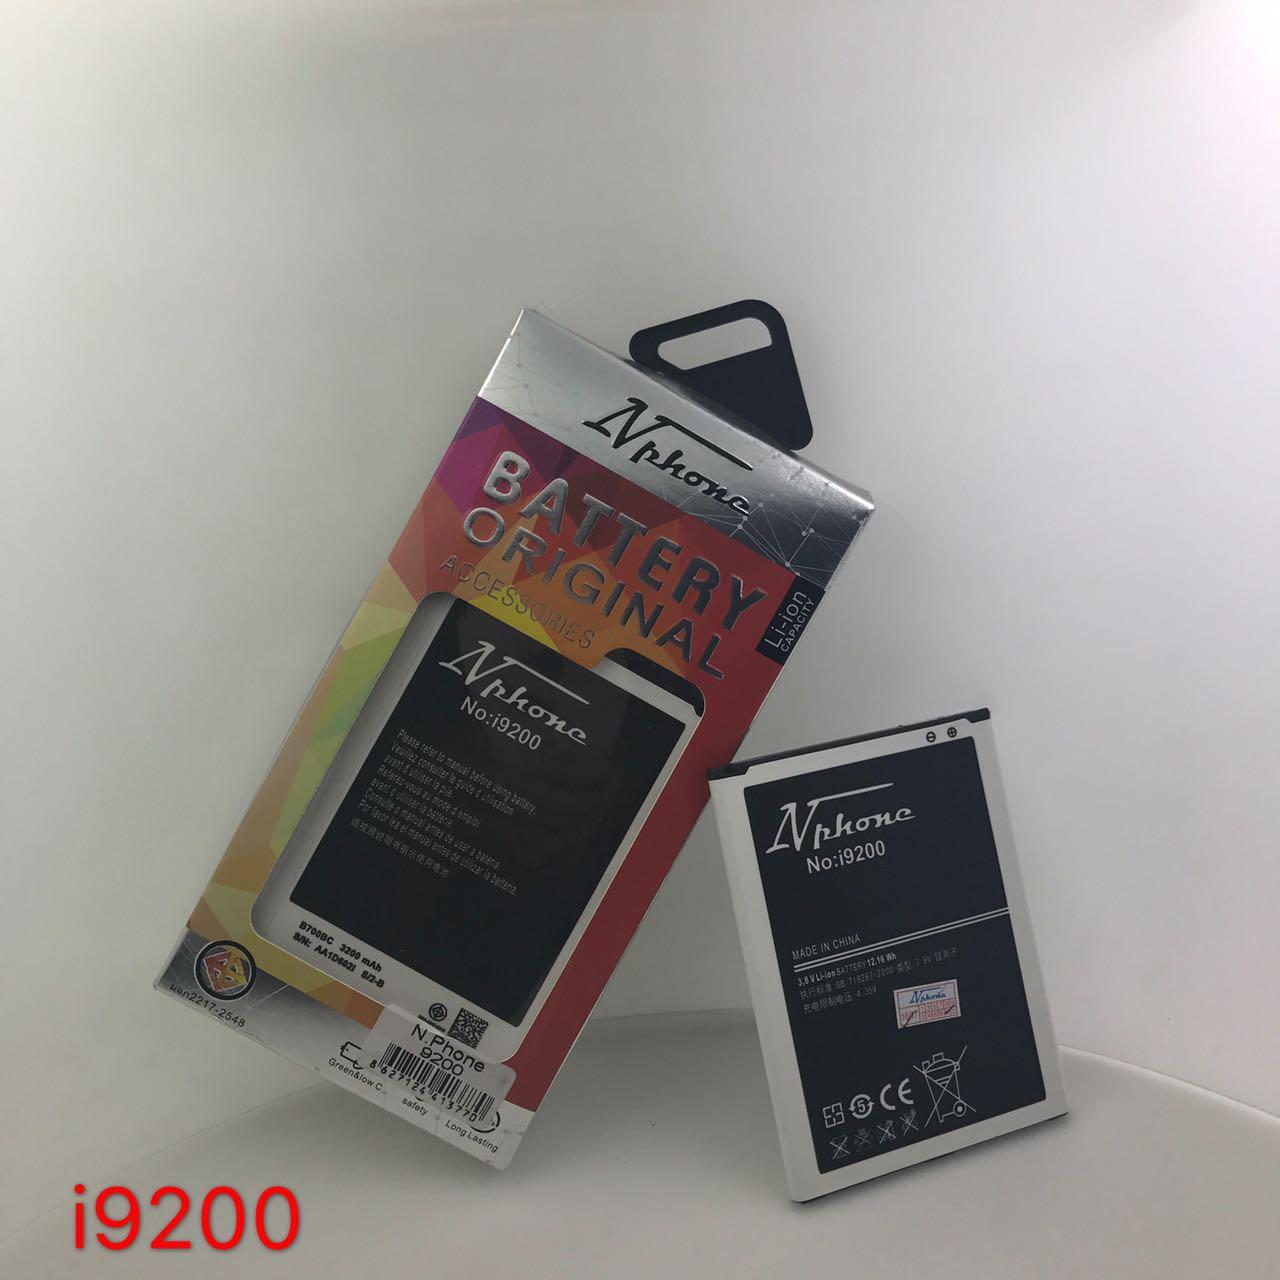 แบตเตอร์รี่ งานบริษัท ( มี มอก ไส้เต็ม ) Samsung Galaxy Mega 6.3 // i9200